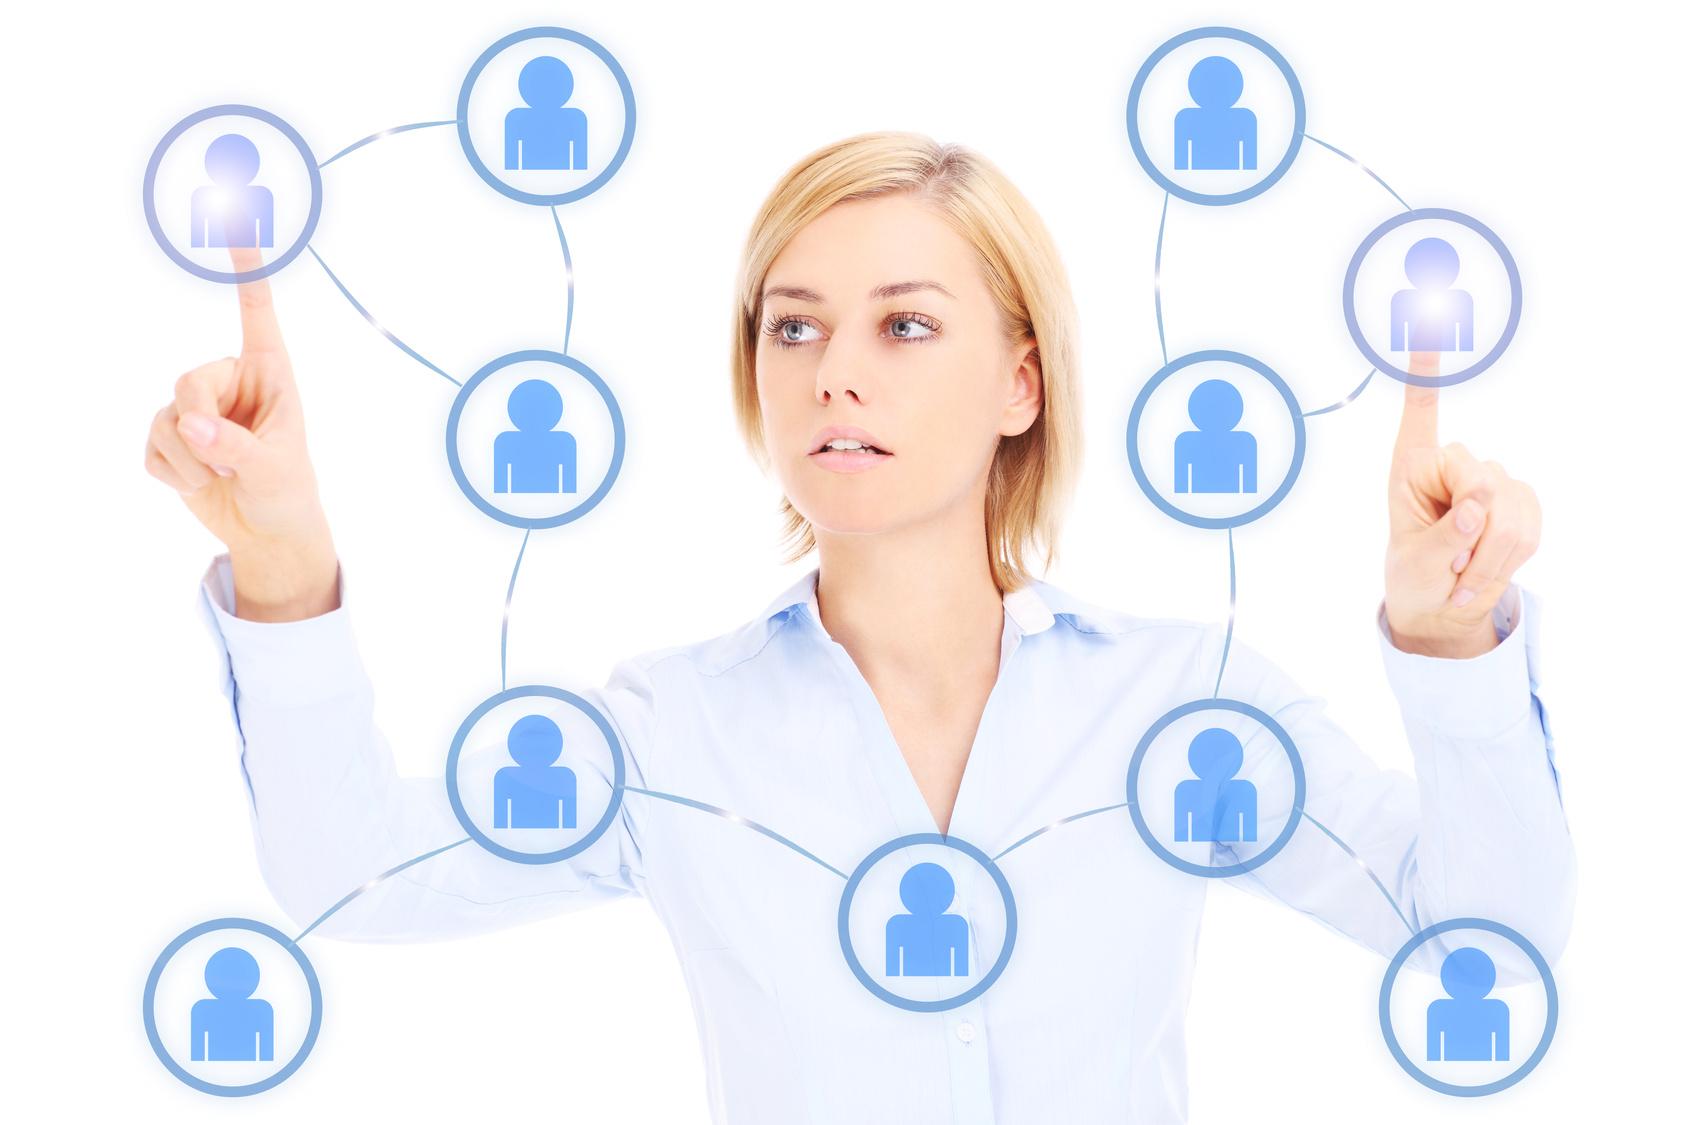 5 Easy Ways to Increase Sales Activity through Social Media